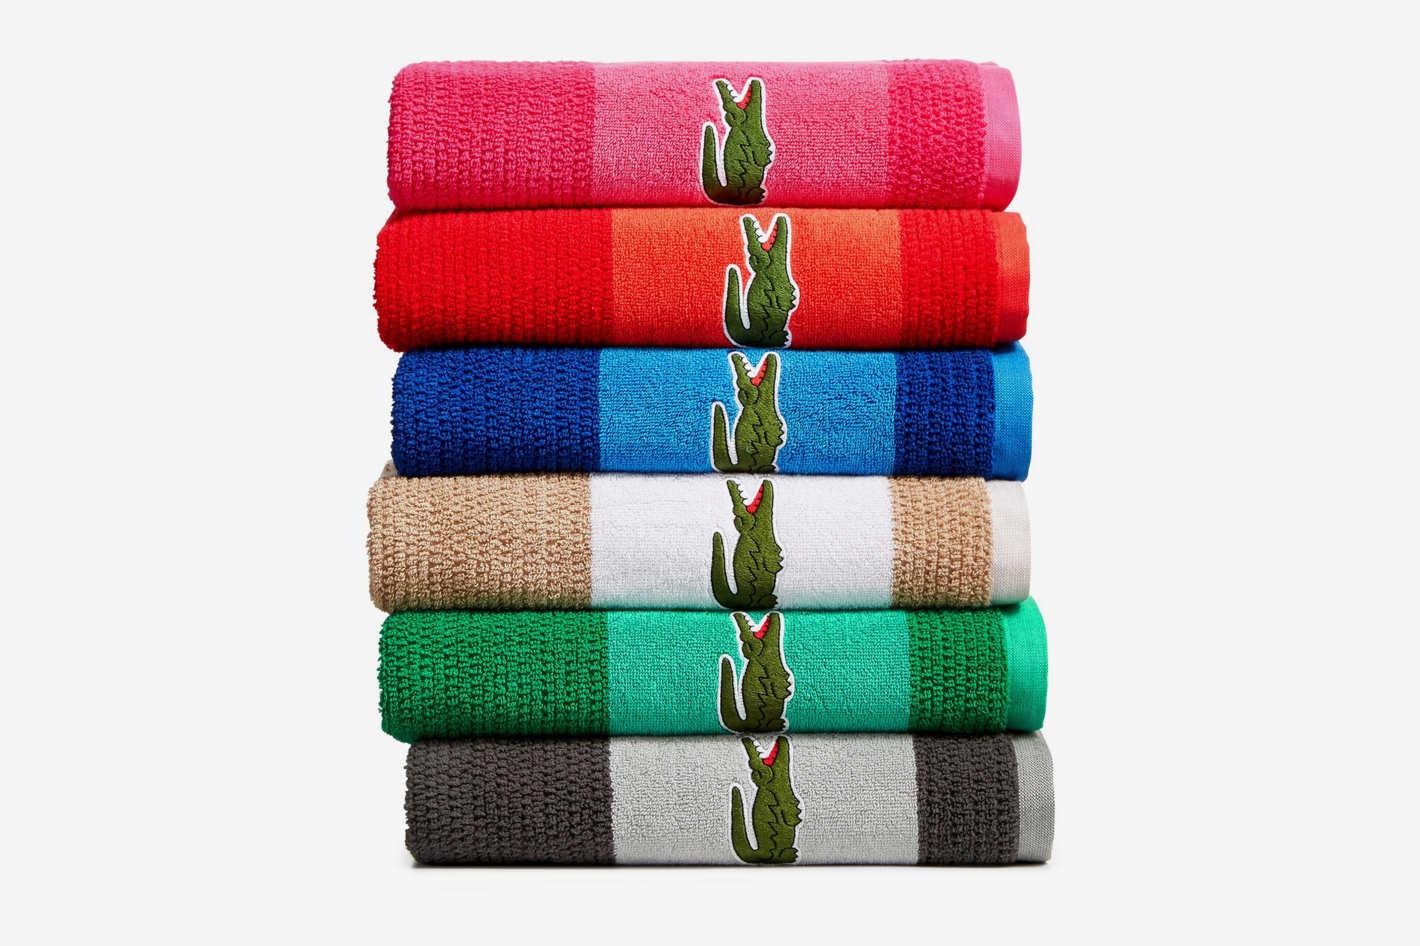 Lacoste Match Cotton Colorblocked Bath Towel